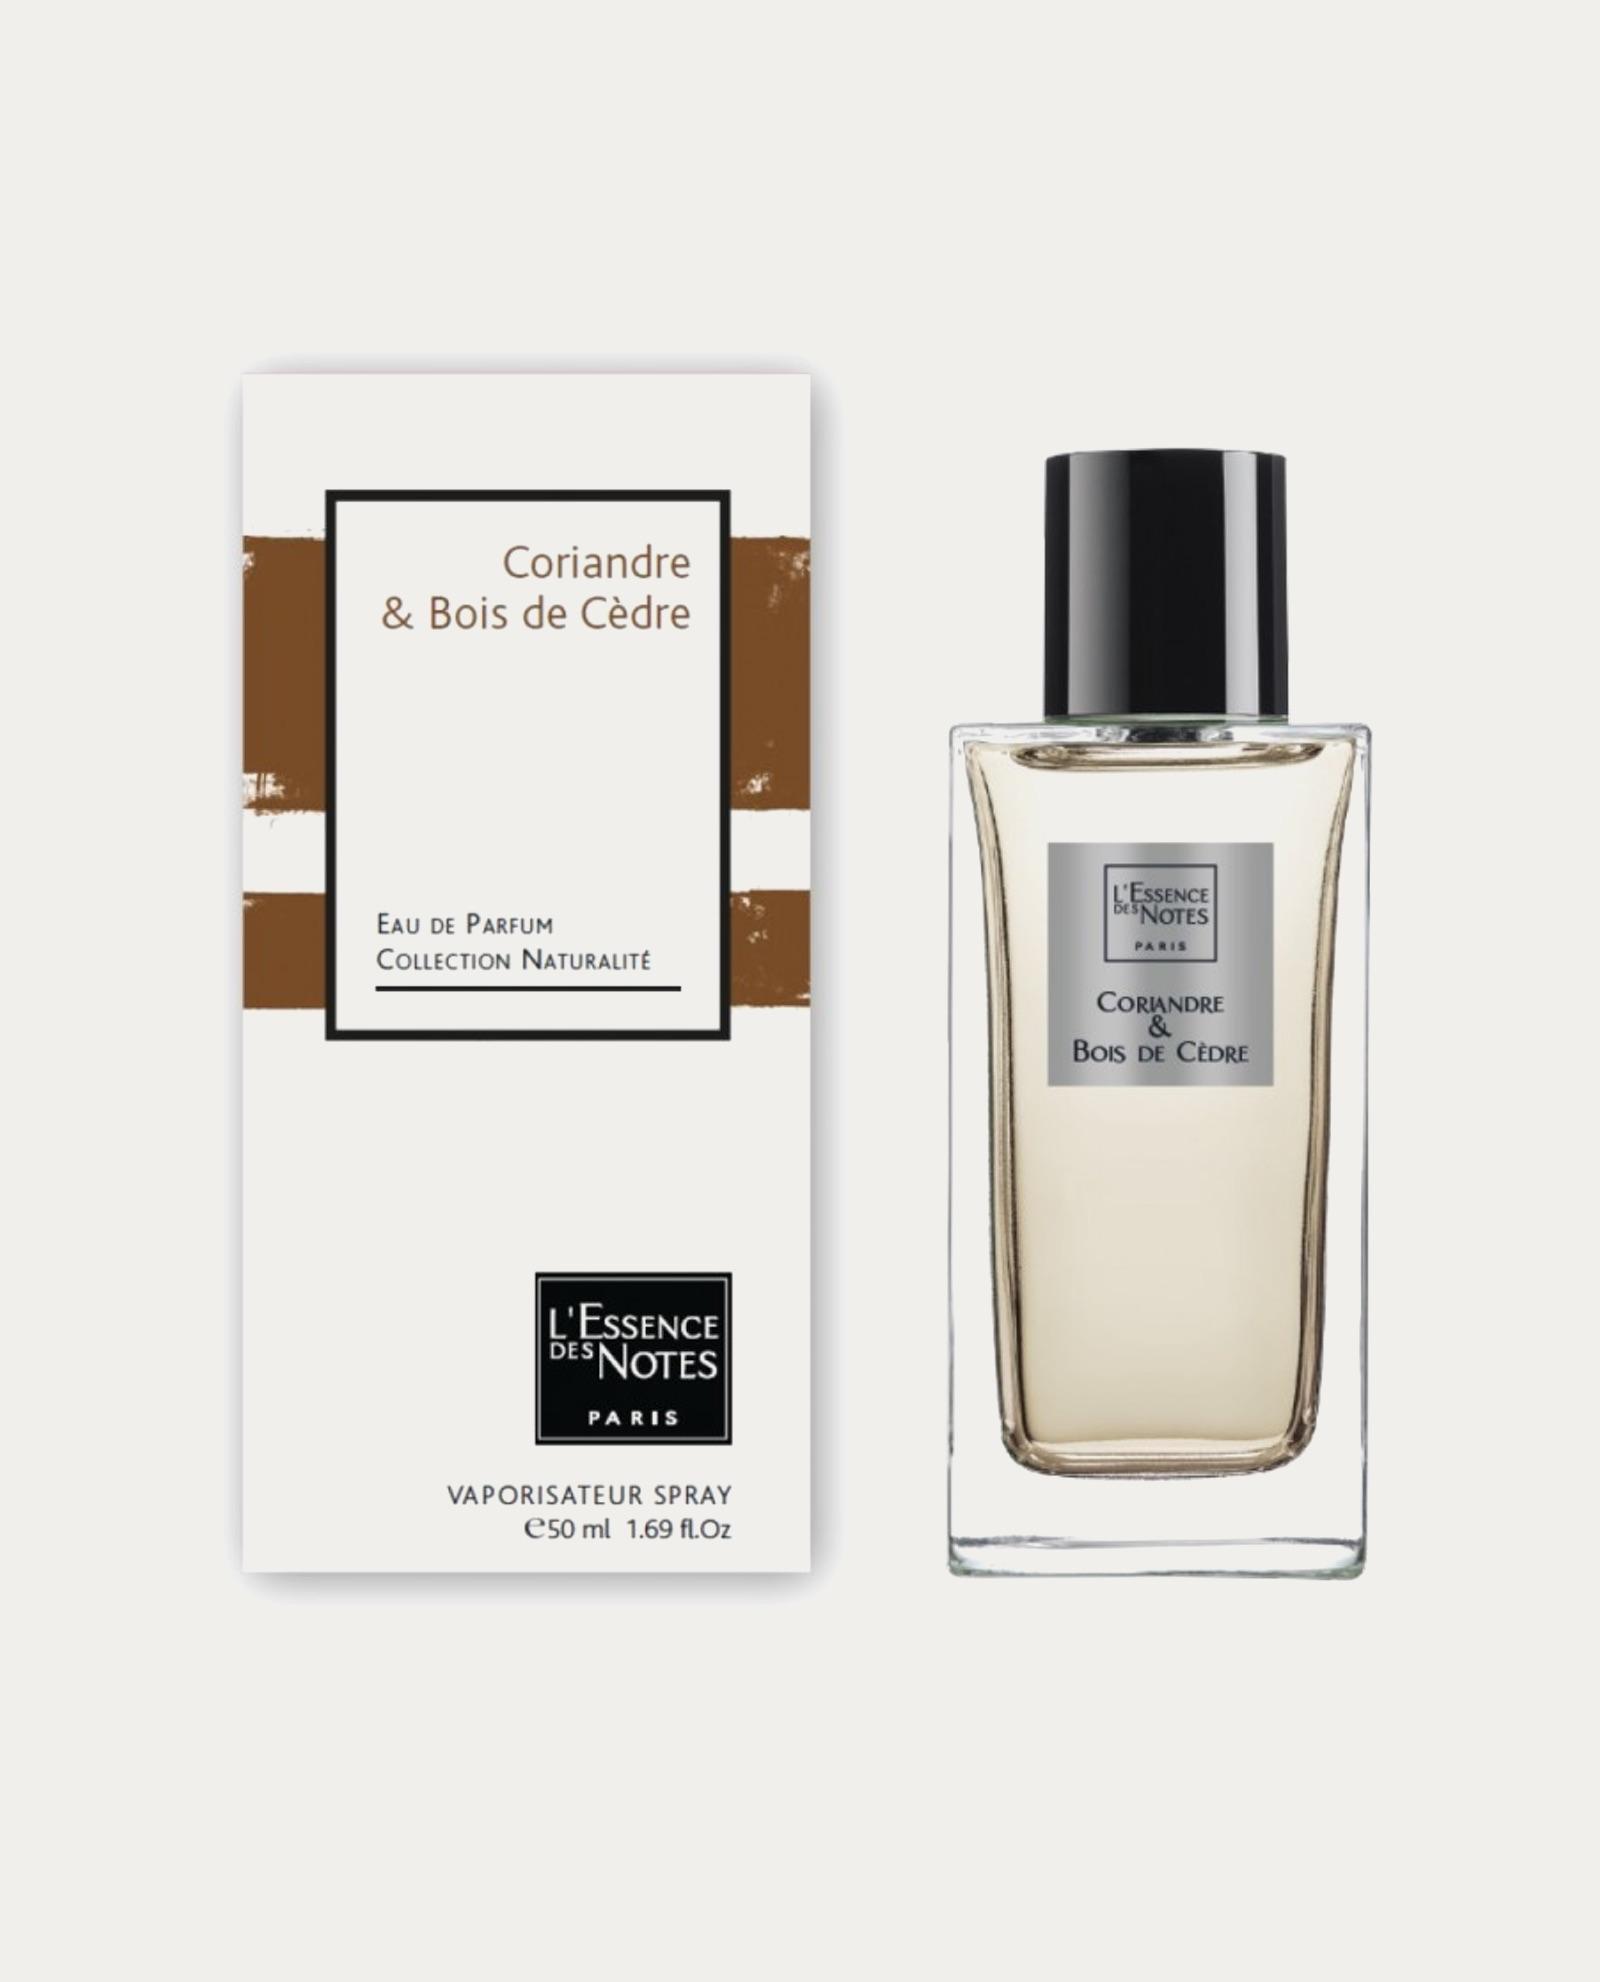 lessence_des_notes_parfum_coriandre_bois_cedre